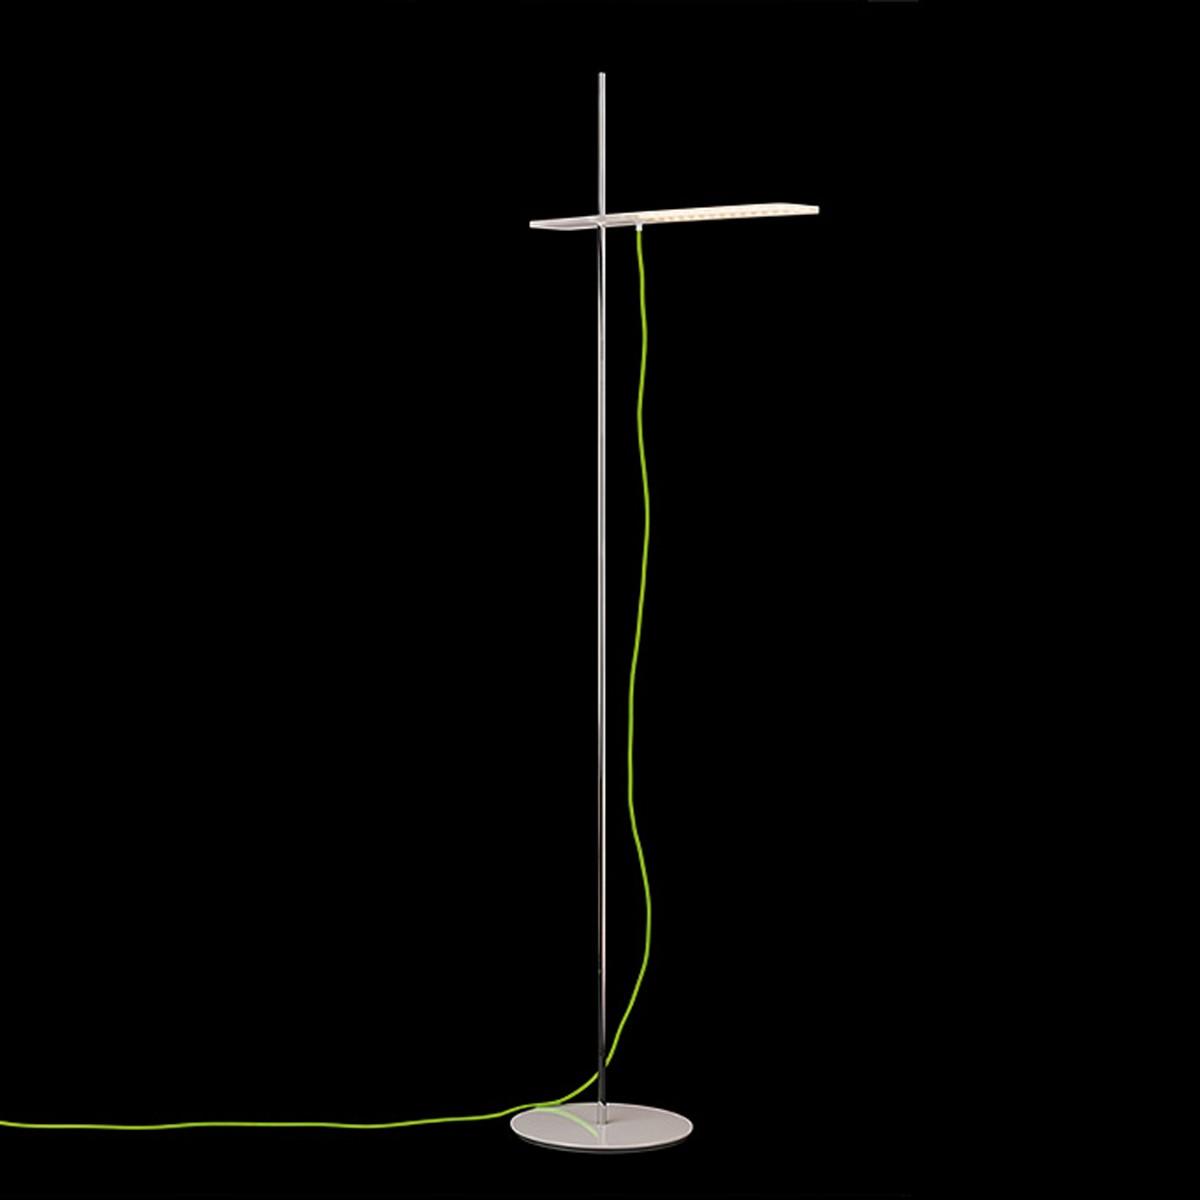 Nimbus Lady Jane Stehleuchte, 3000K, Zuleitung: neongrün